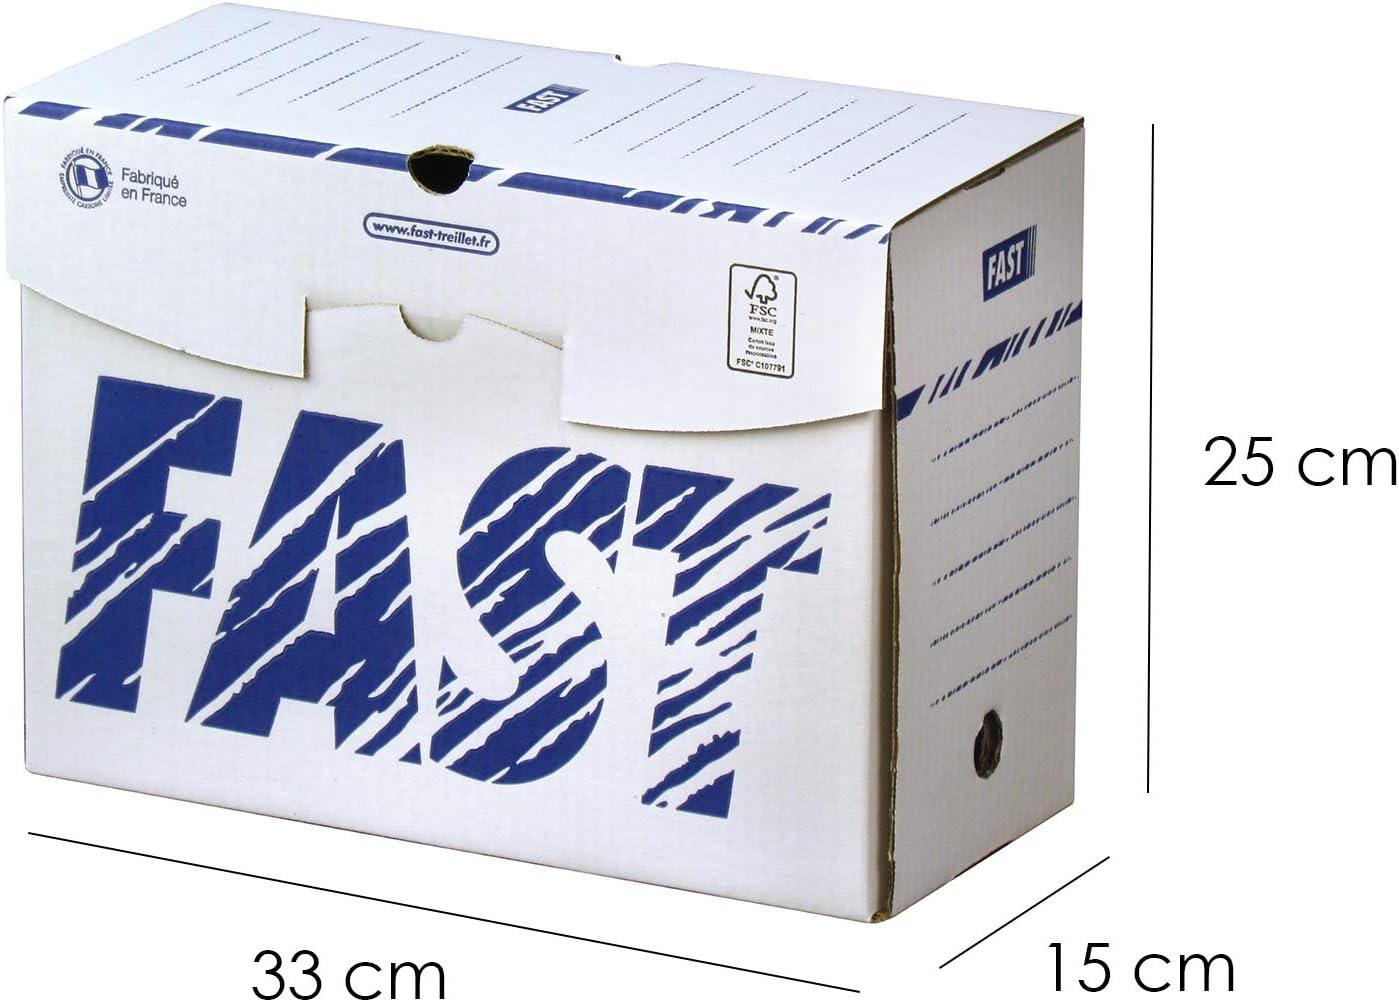 Fast treillet paquete retractilado de 10 cajas de archivo definitivo.lomo de 20 cm.: Amazon.es: Oficina y papelería